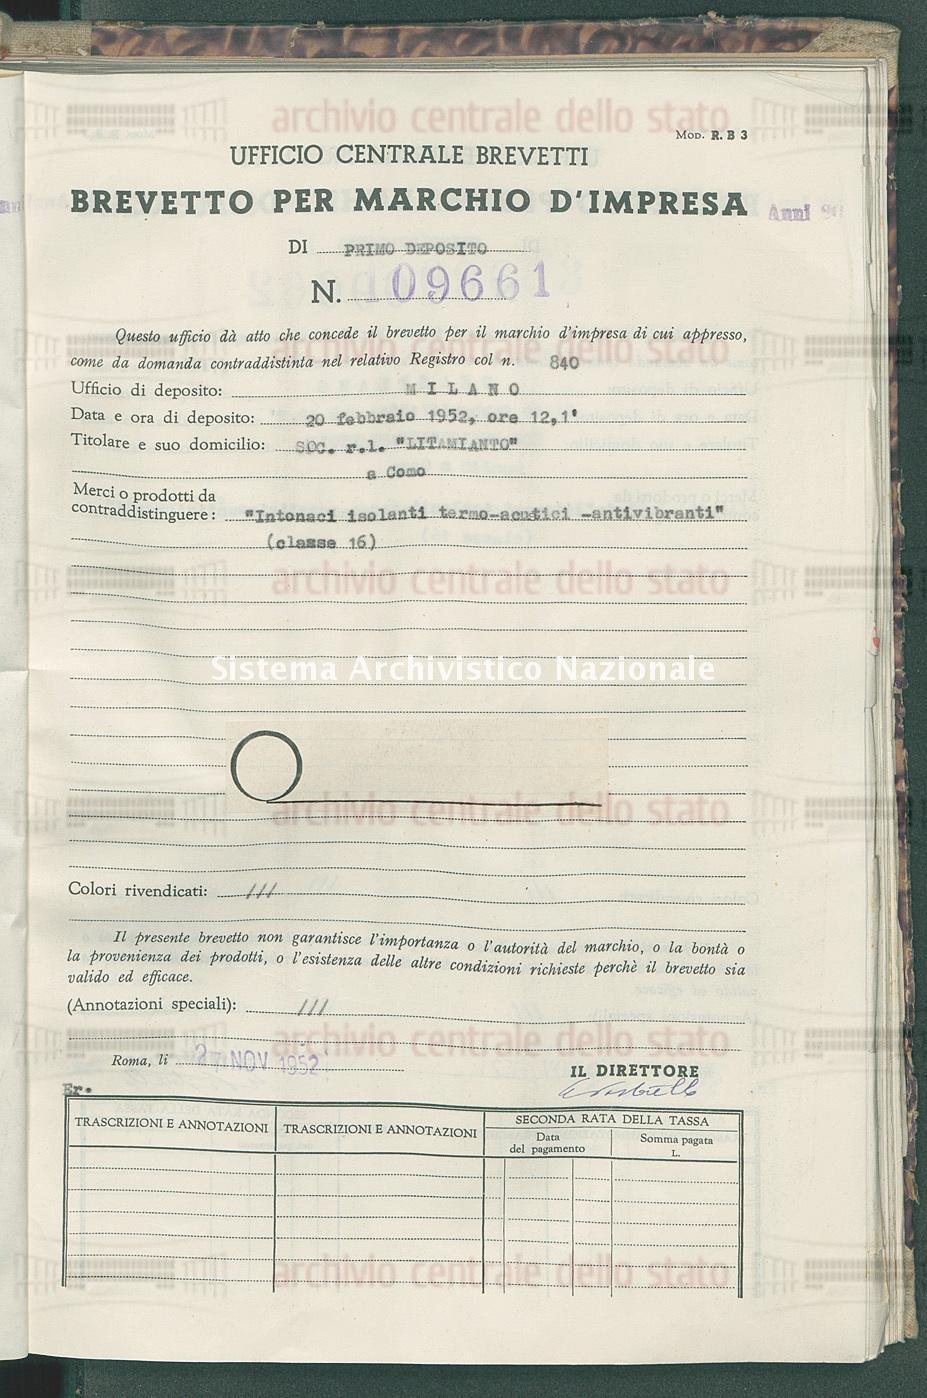 'Intonaci isolanti termo-acustici - antivibranti' Soc.R.L. 'Litamianto' (27/11/1952)